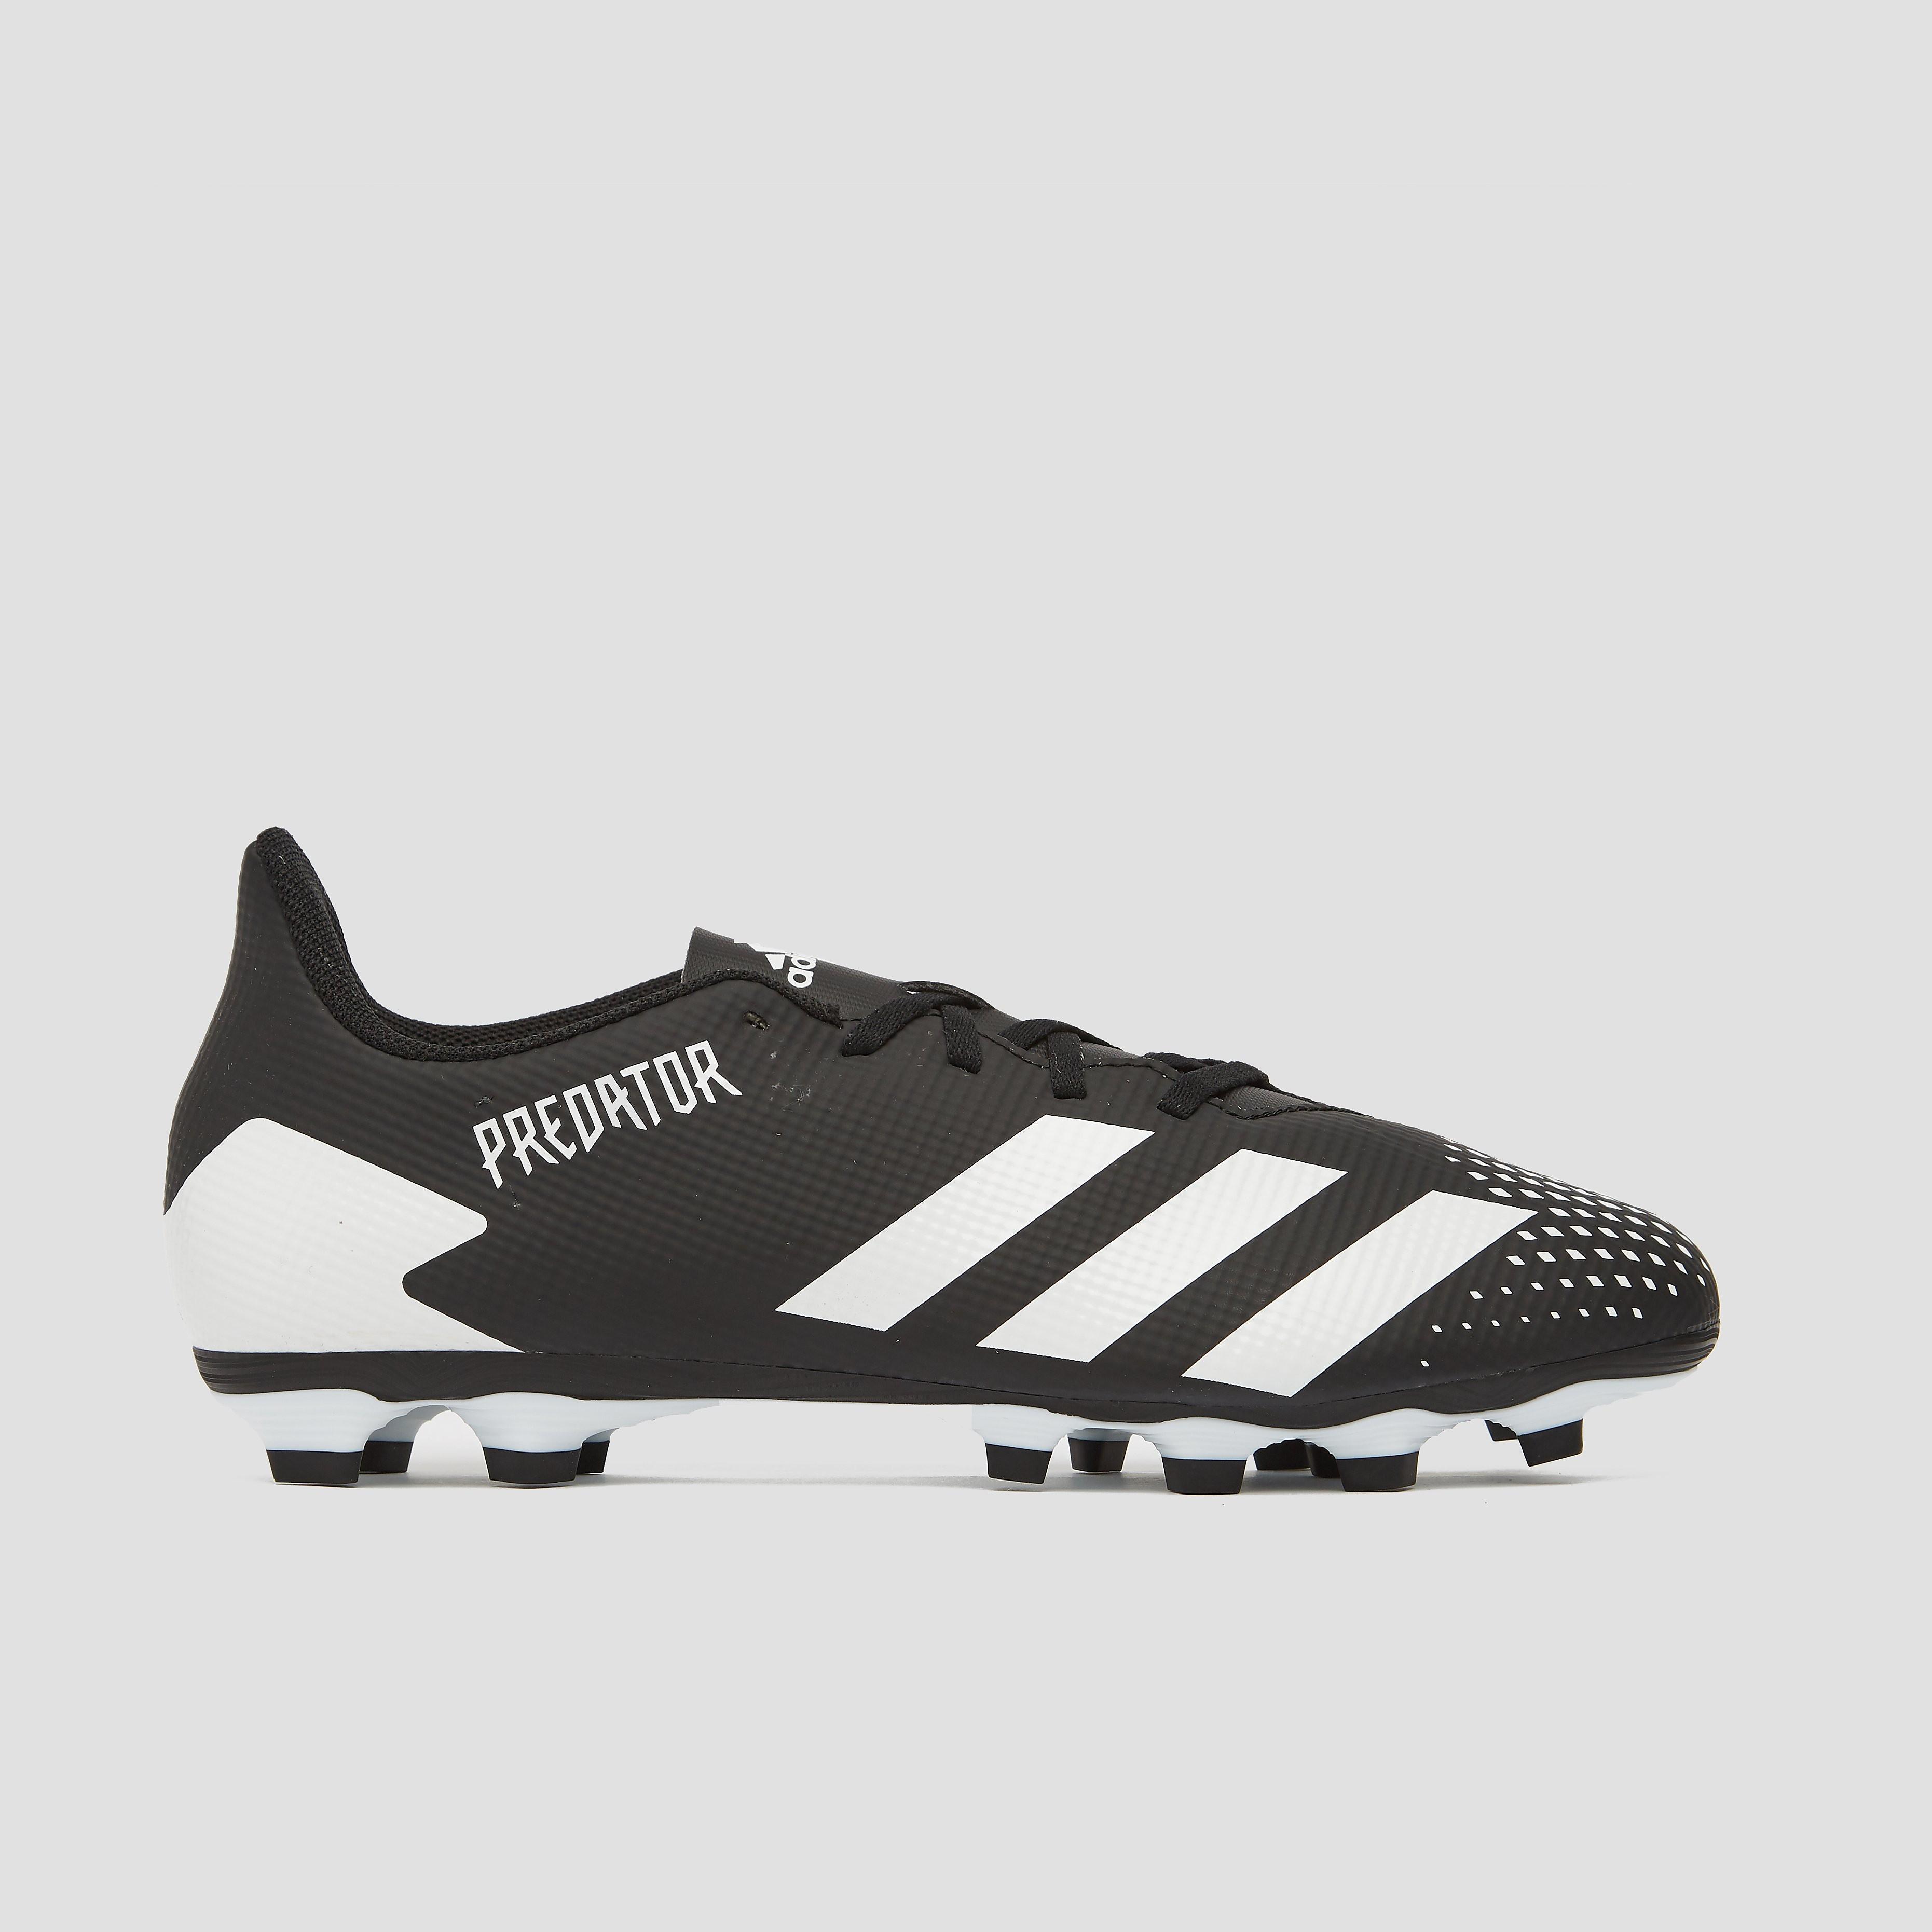 adidas Predator 20.4 fxg voetbalschoenen zwart-wit Dames